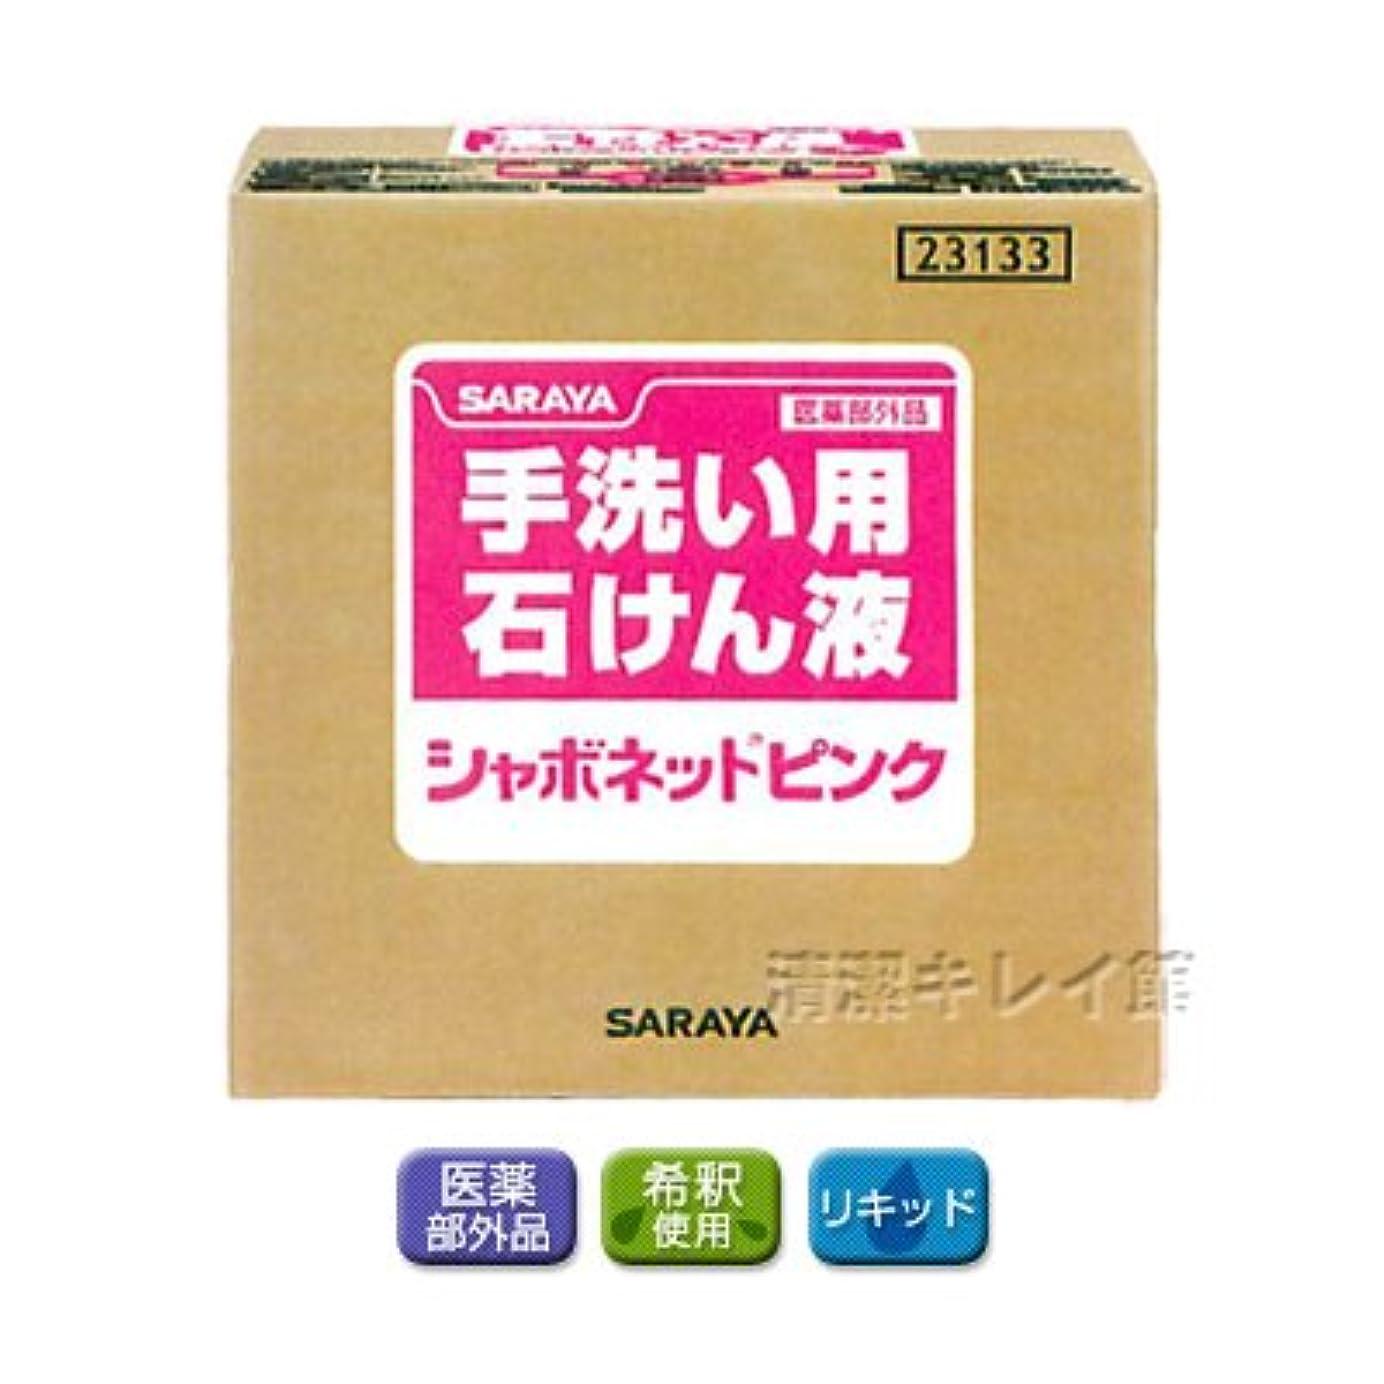 スタイルスイング予想する【清潔キレイ館】サラヤ シャボネットピンク(20kg)